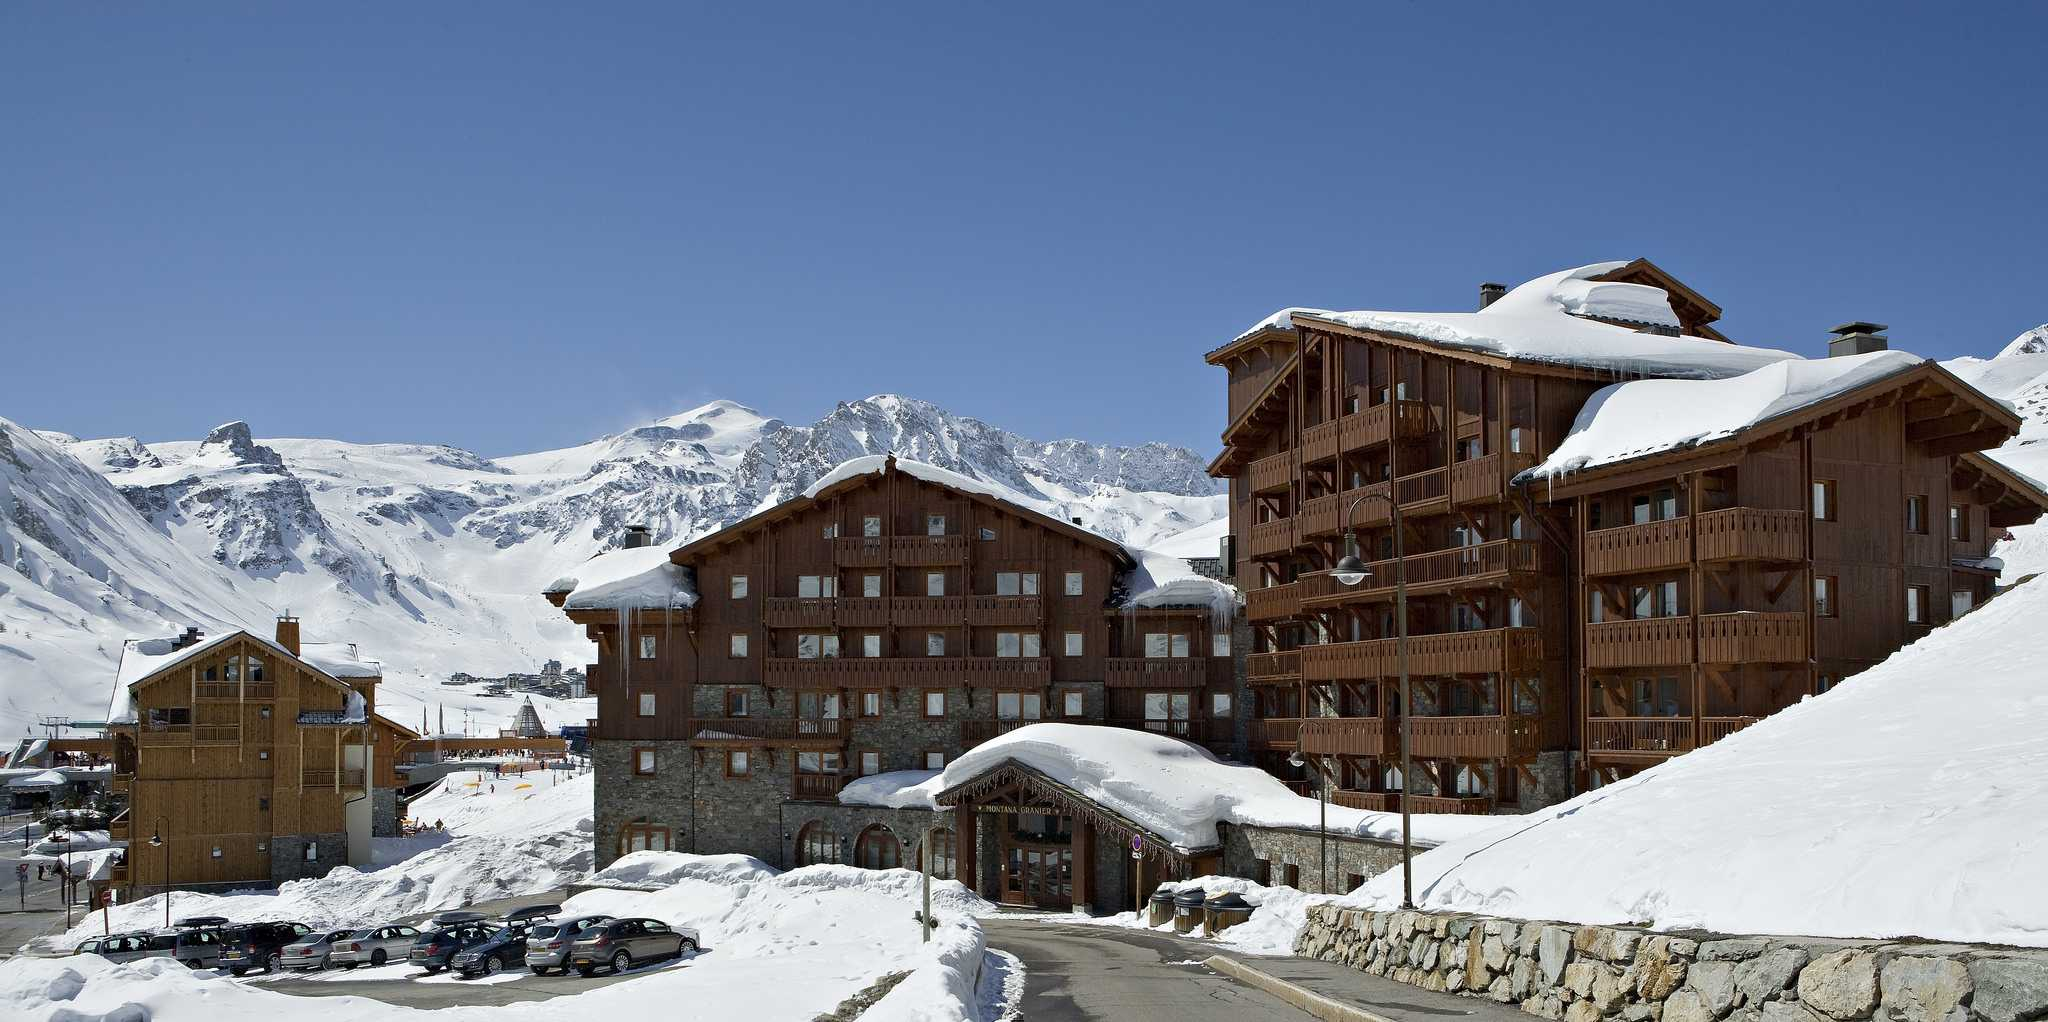 Residences Village Montana Tignes Tignes-Val d'Isere Frankrijk wintersport skivakantie luxe ligging residence Village Montana appartementen besneeuwde bergen sneeuw